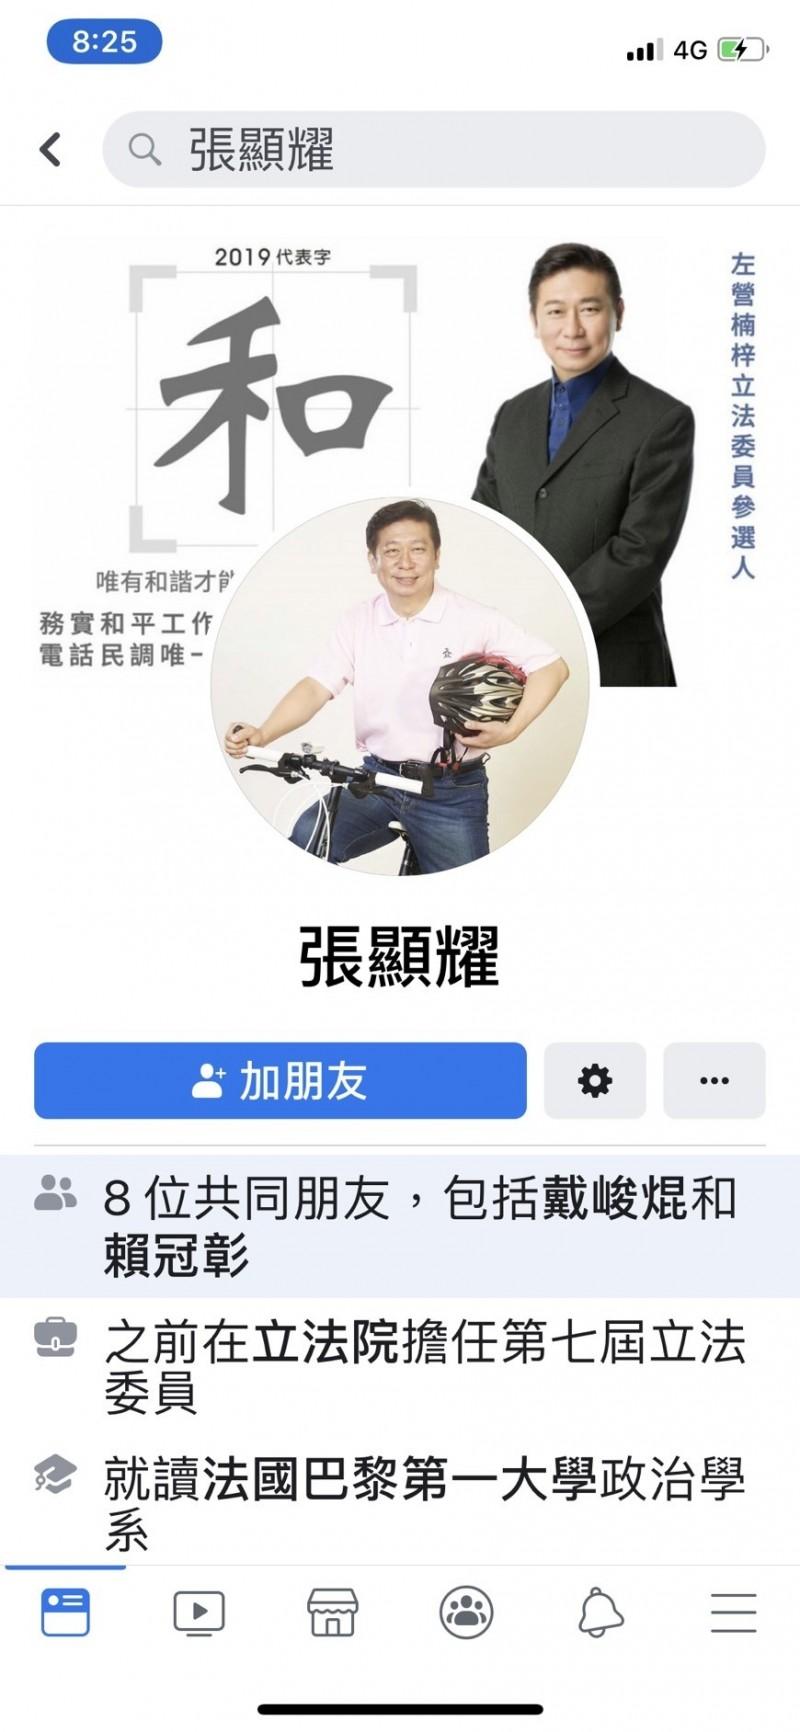 國民黨台中市黨部說台中市一選區將徵召張顯耀對戰蔡其昌,不過張顯耀說他會自己對外說明,而他的臉書迄今未更新,仍標註是高雄的立委參選人。(圖:取自張顯耀臉書)